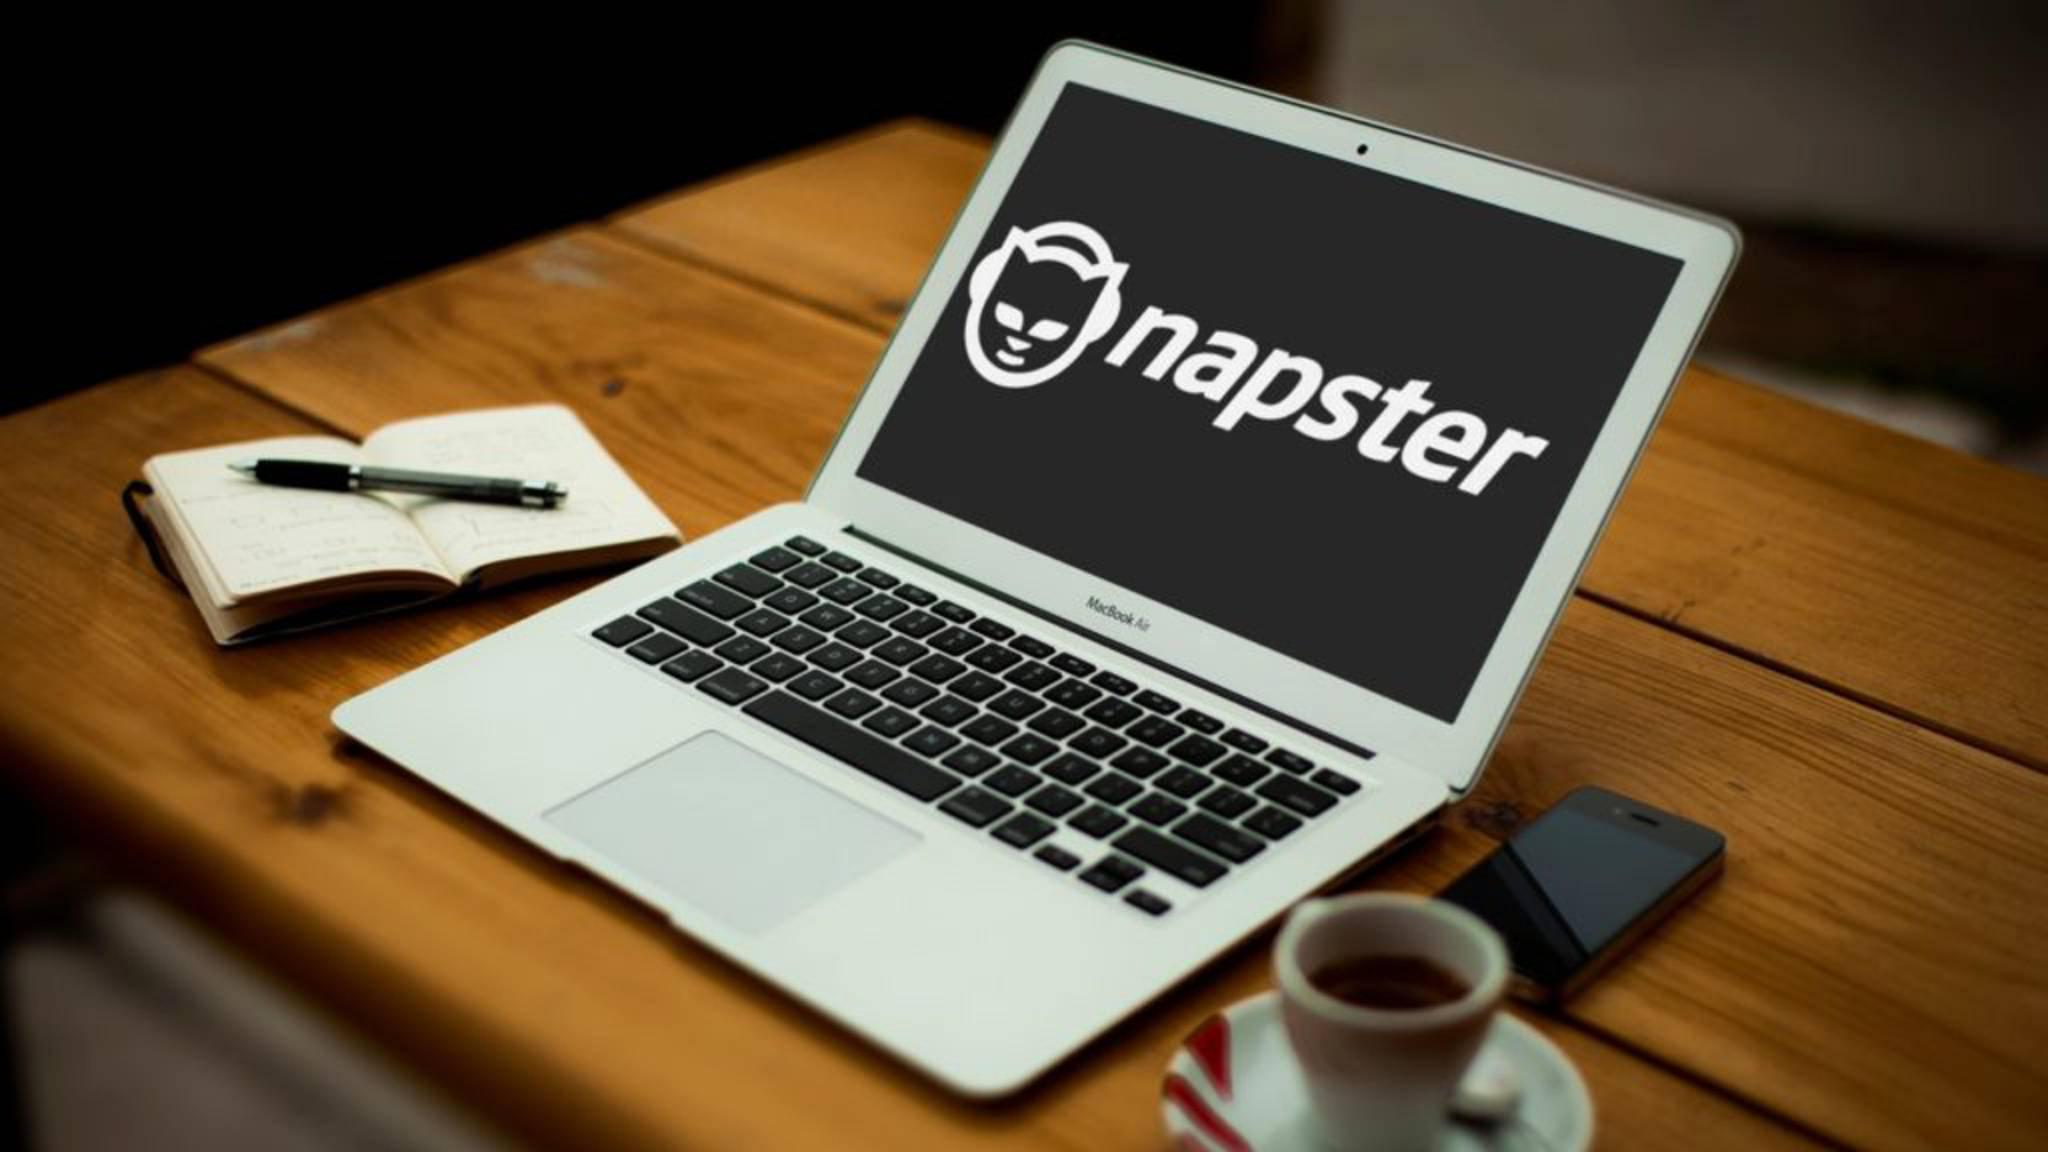 Napster gibt es zwar noch, allerdings sind die Nutzerzahlen überschaubar.